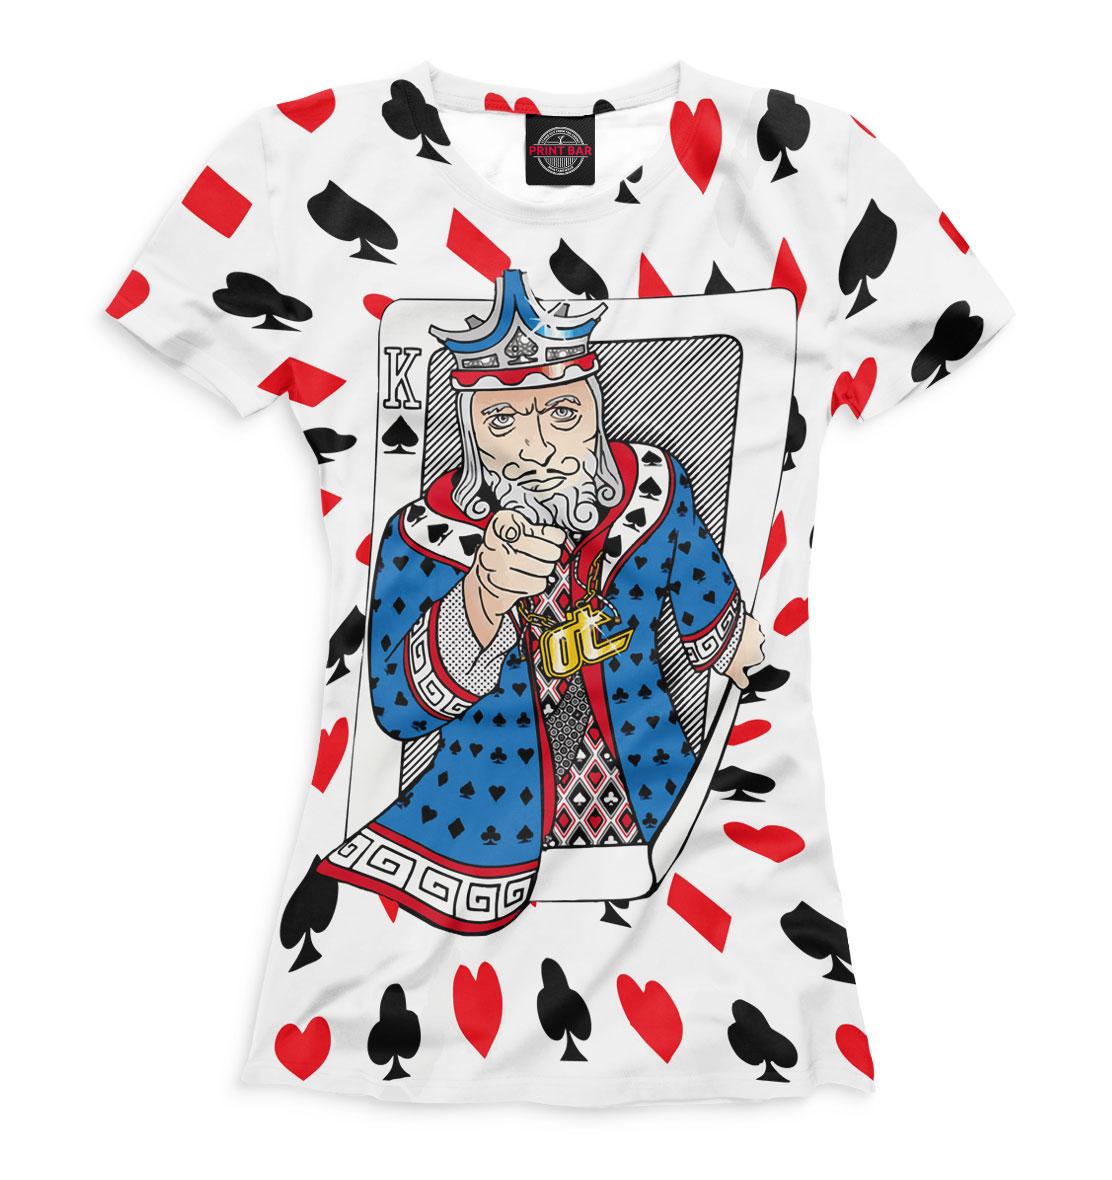 Купить Покер, Printbar, Футболки, POK-203540-fut-1